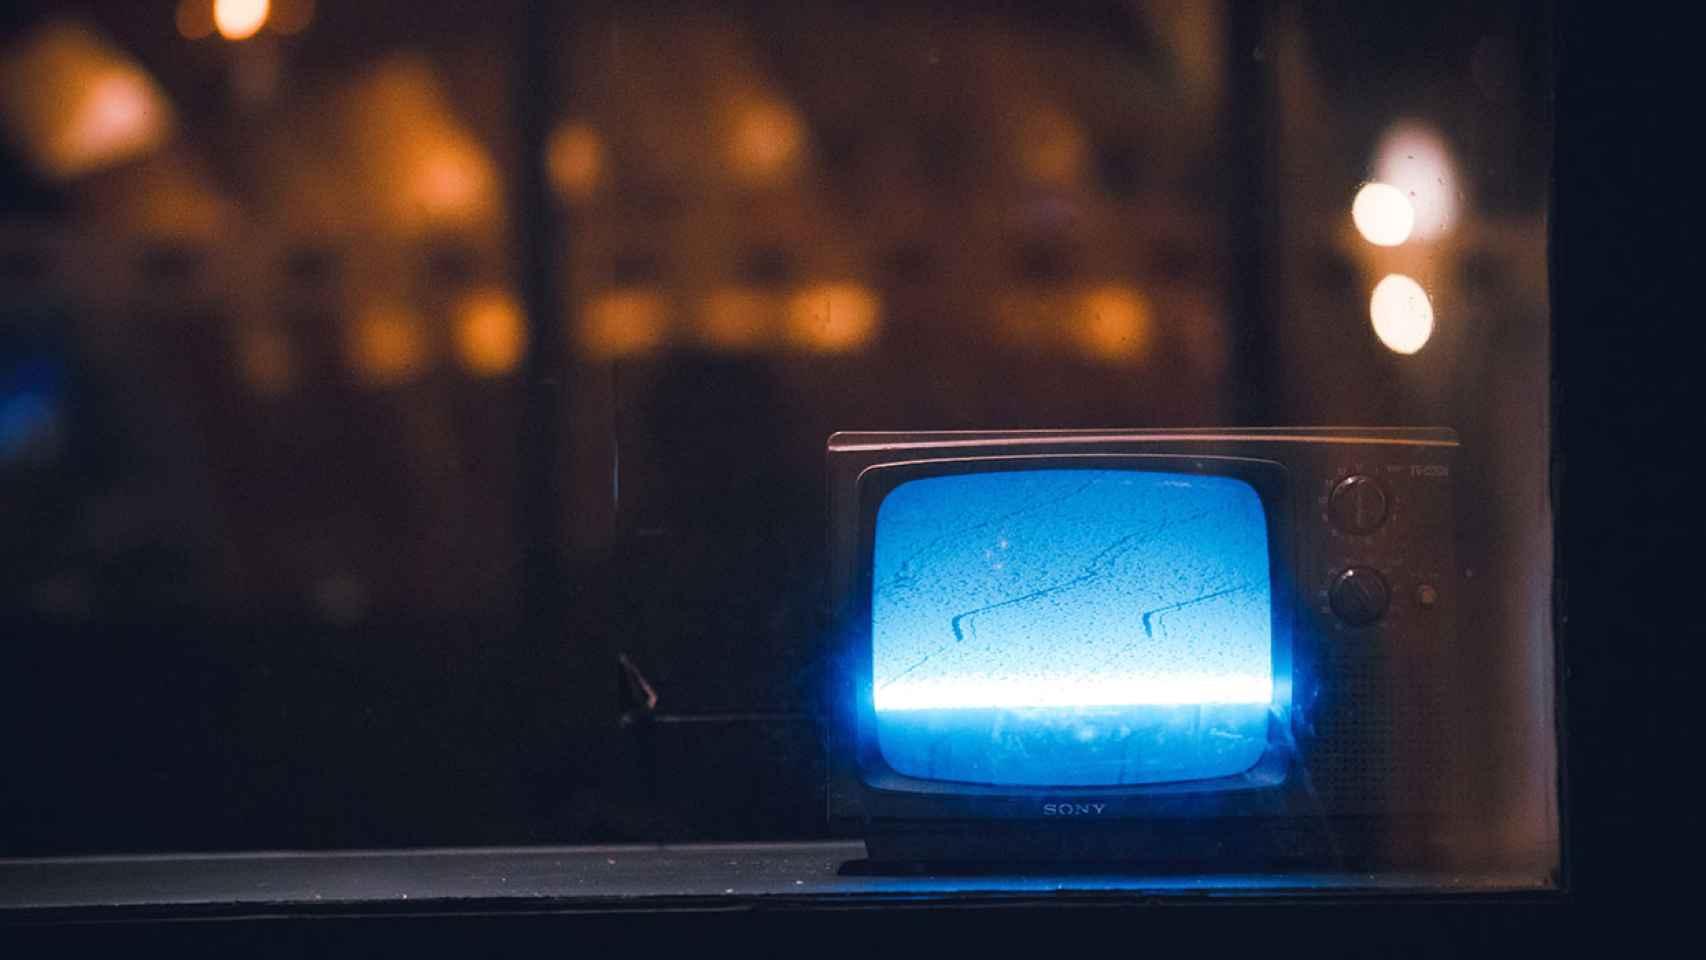 La televisión de mañana que vemos hoy